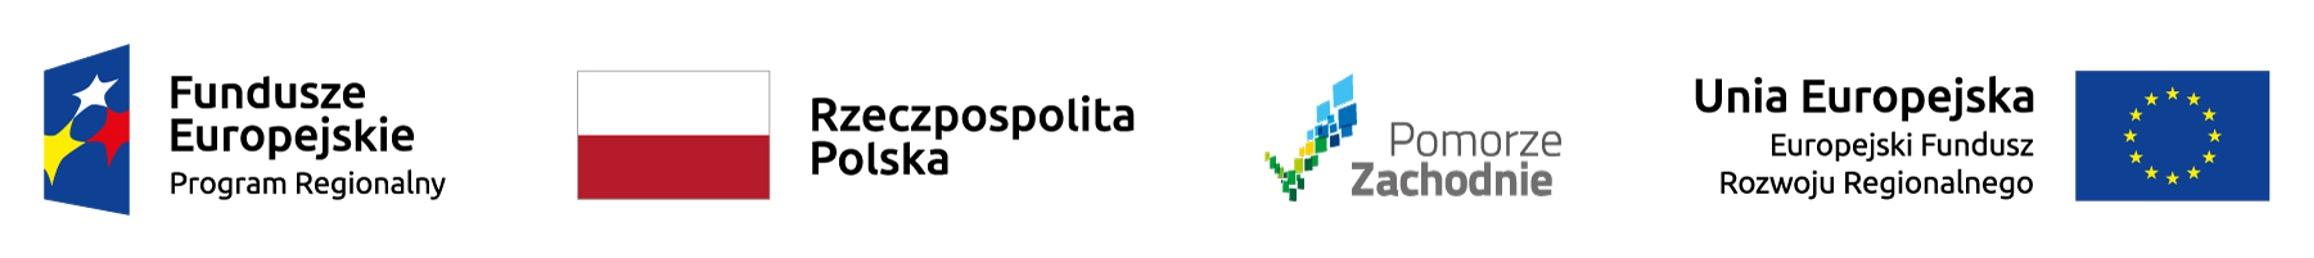 """Logotypy Województwo Zachodniopomorskie -                             Wojewódzki Urząd Pracy w Szczecinie                             realizuje projekt finansowany z Funduszy Europejskich                             """"Zachodniopomorski Pakiet Grantowy"""""""